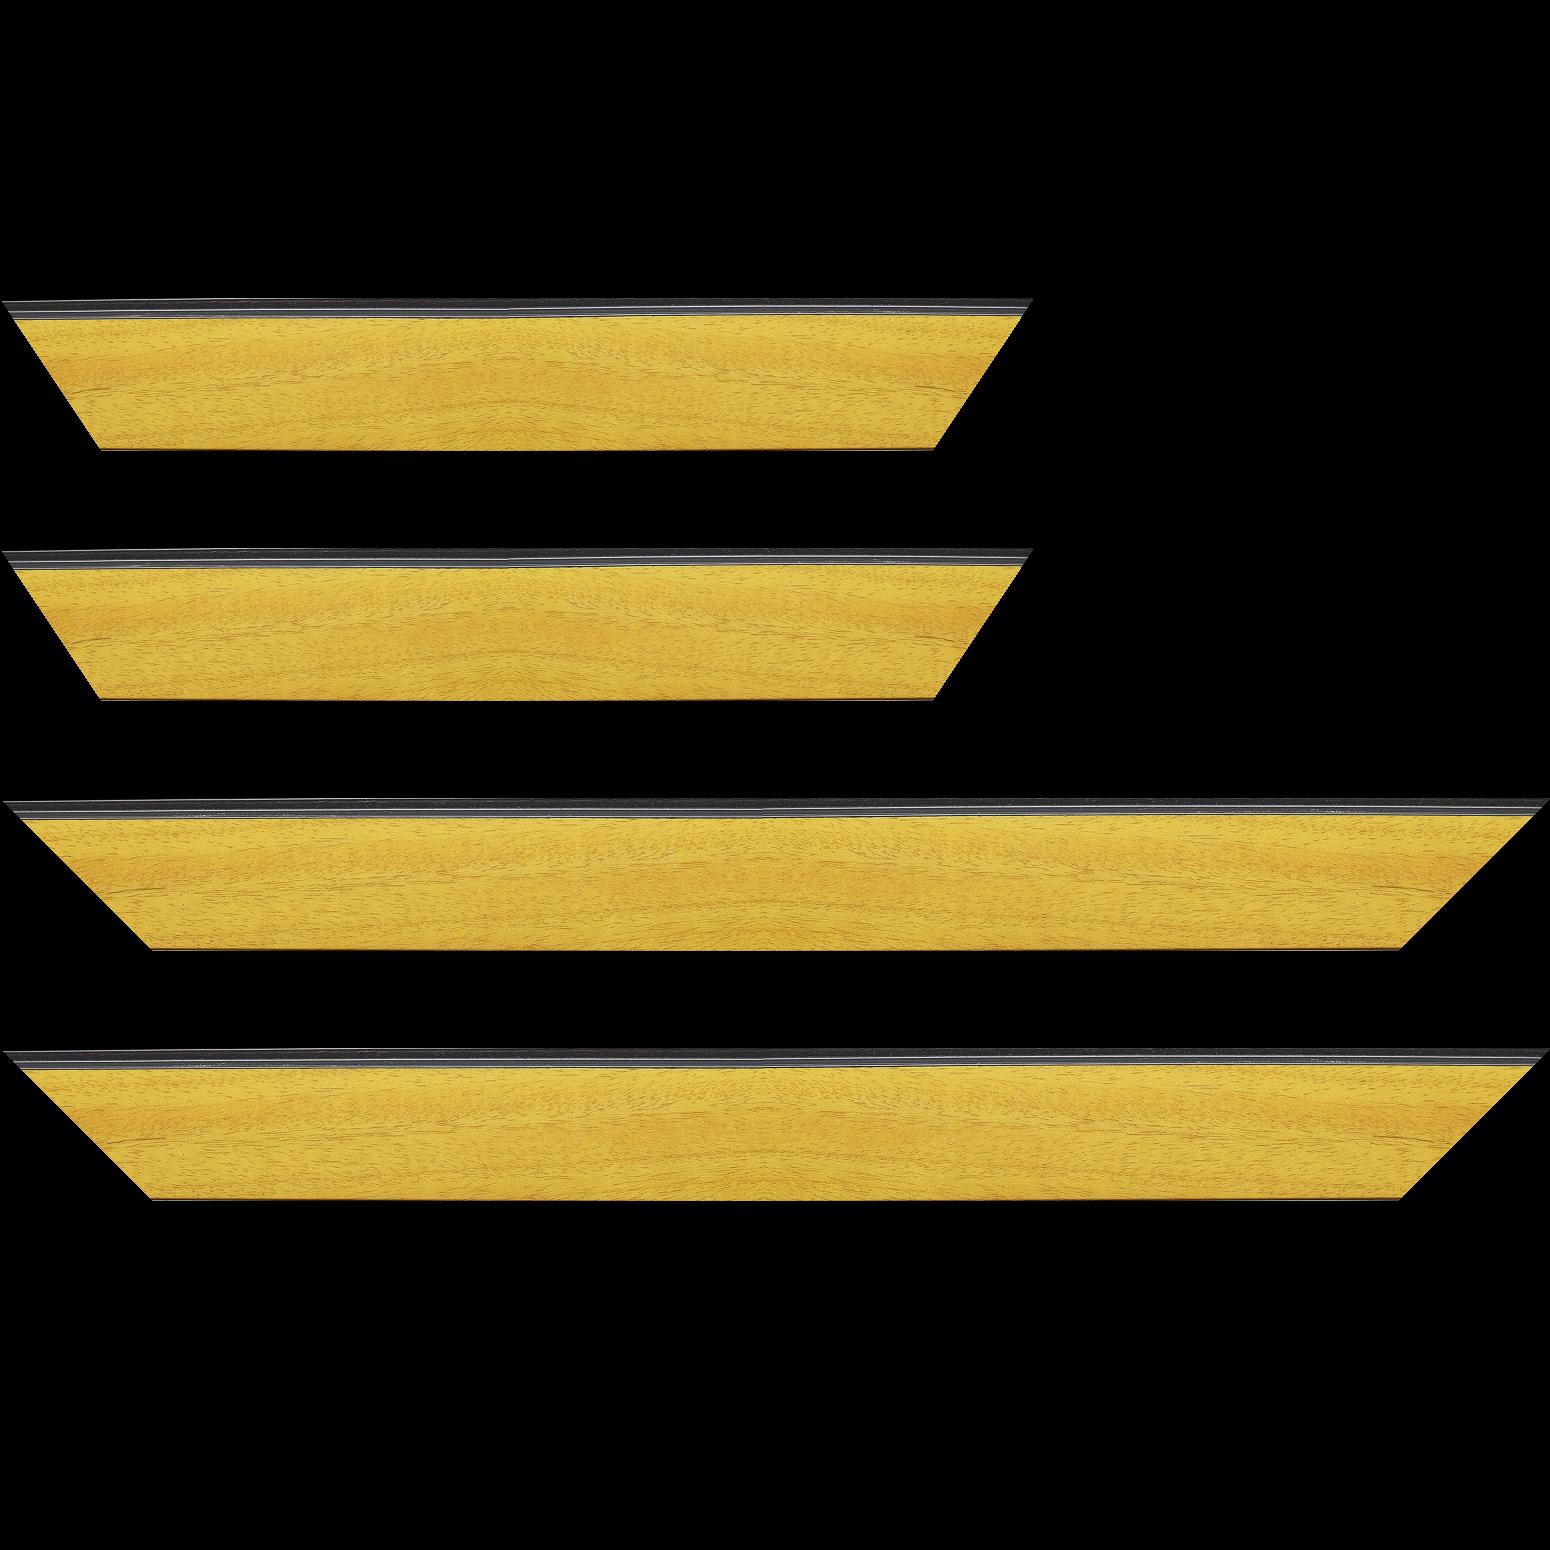 Baguette service précoupé Bois profil en pente méplat largeur 4.8cm couleur jaune tournesol satiné surligné par une gorge extérieure noire : originalité et élégance assurée